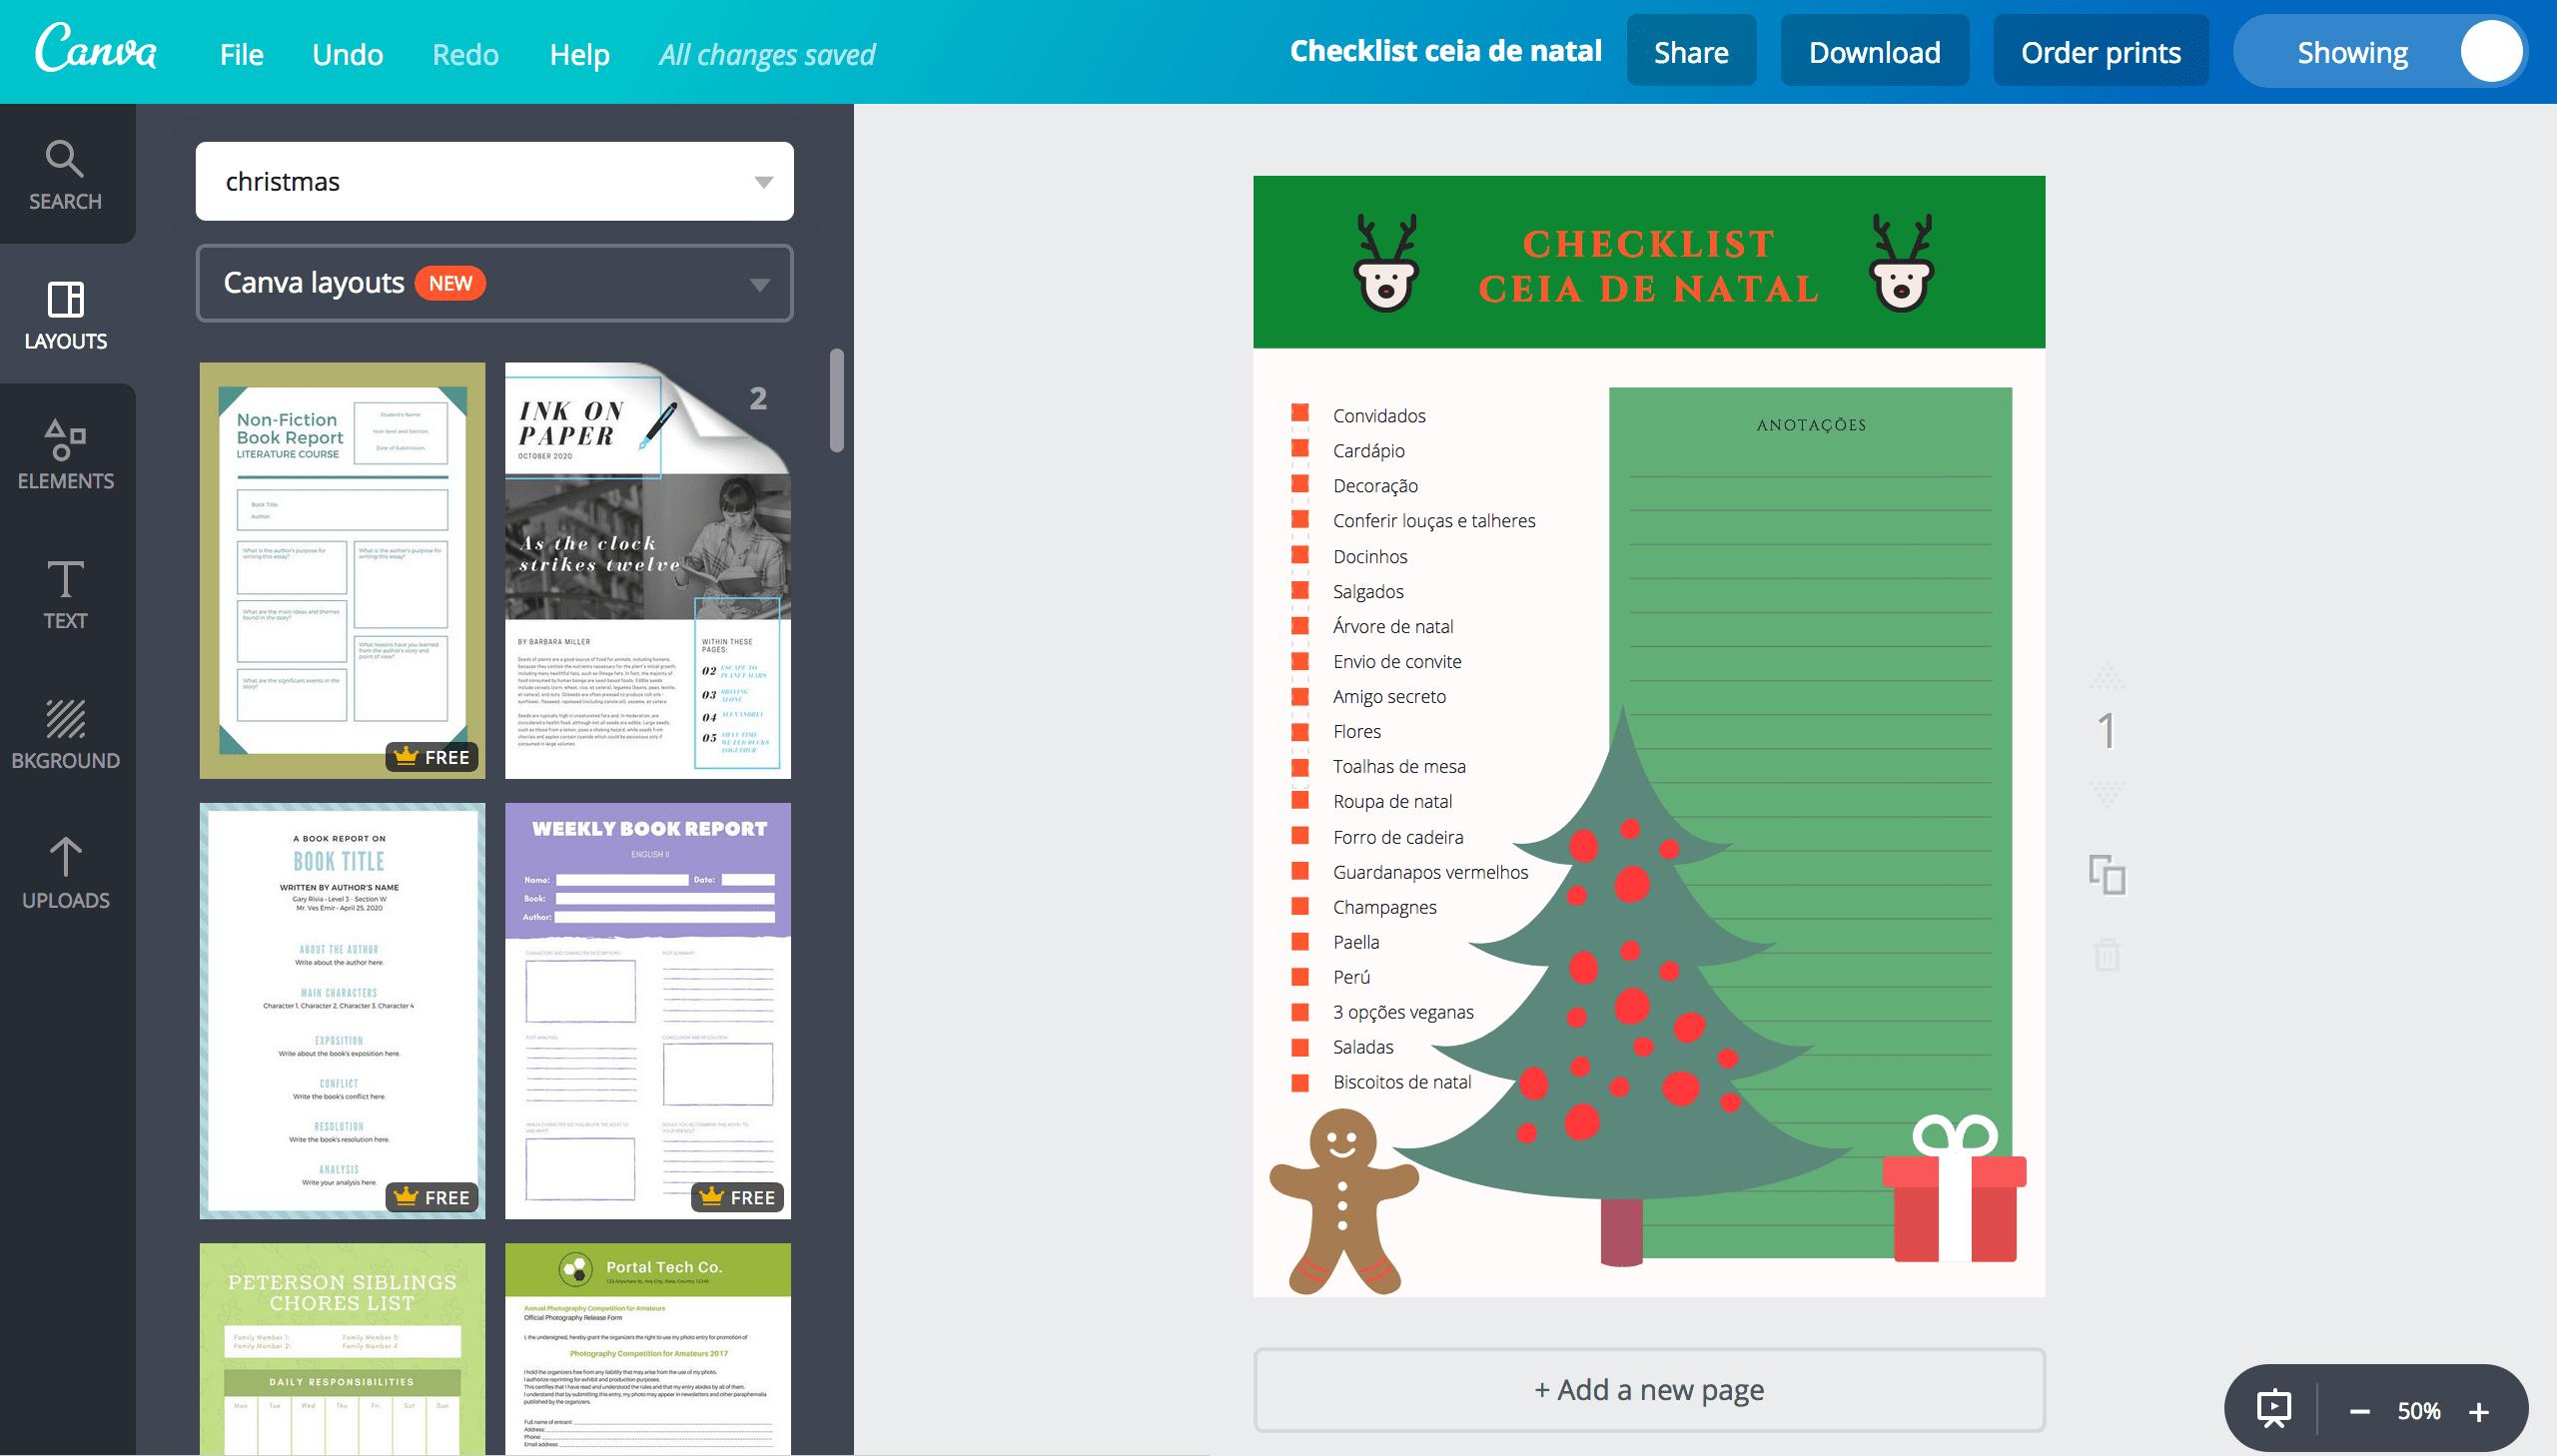 Lista de ceia de Natal